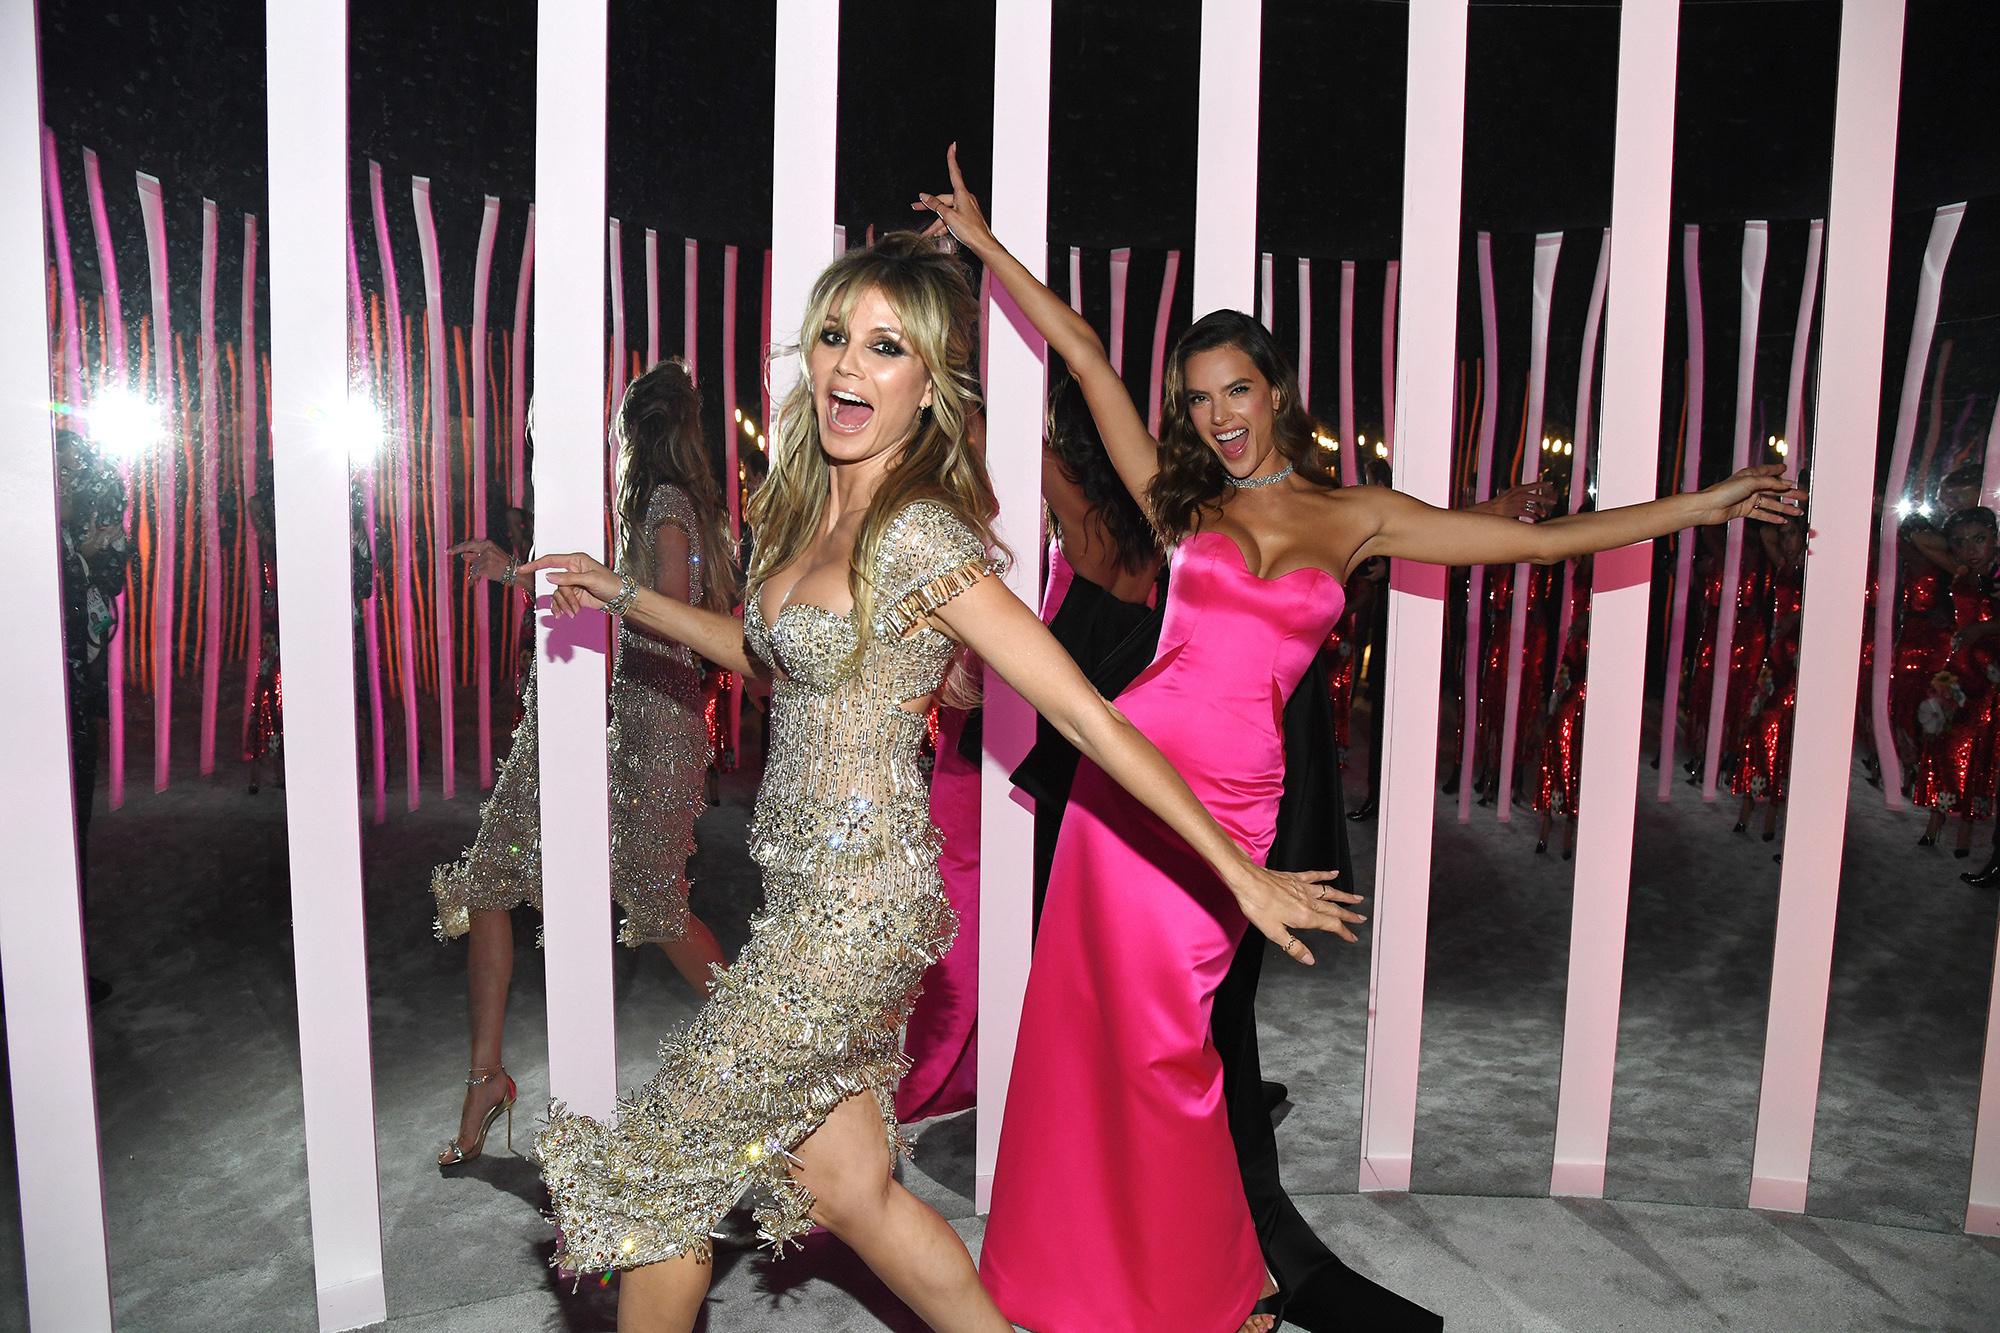 Супермодели Хайди Клум иАлессандра Амбросио навечеринке Vanity Fair